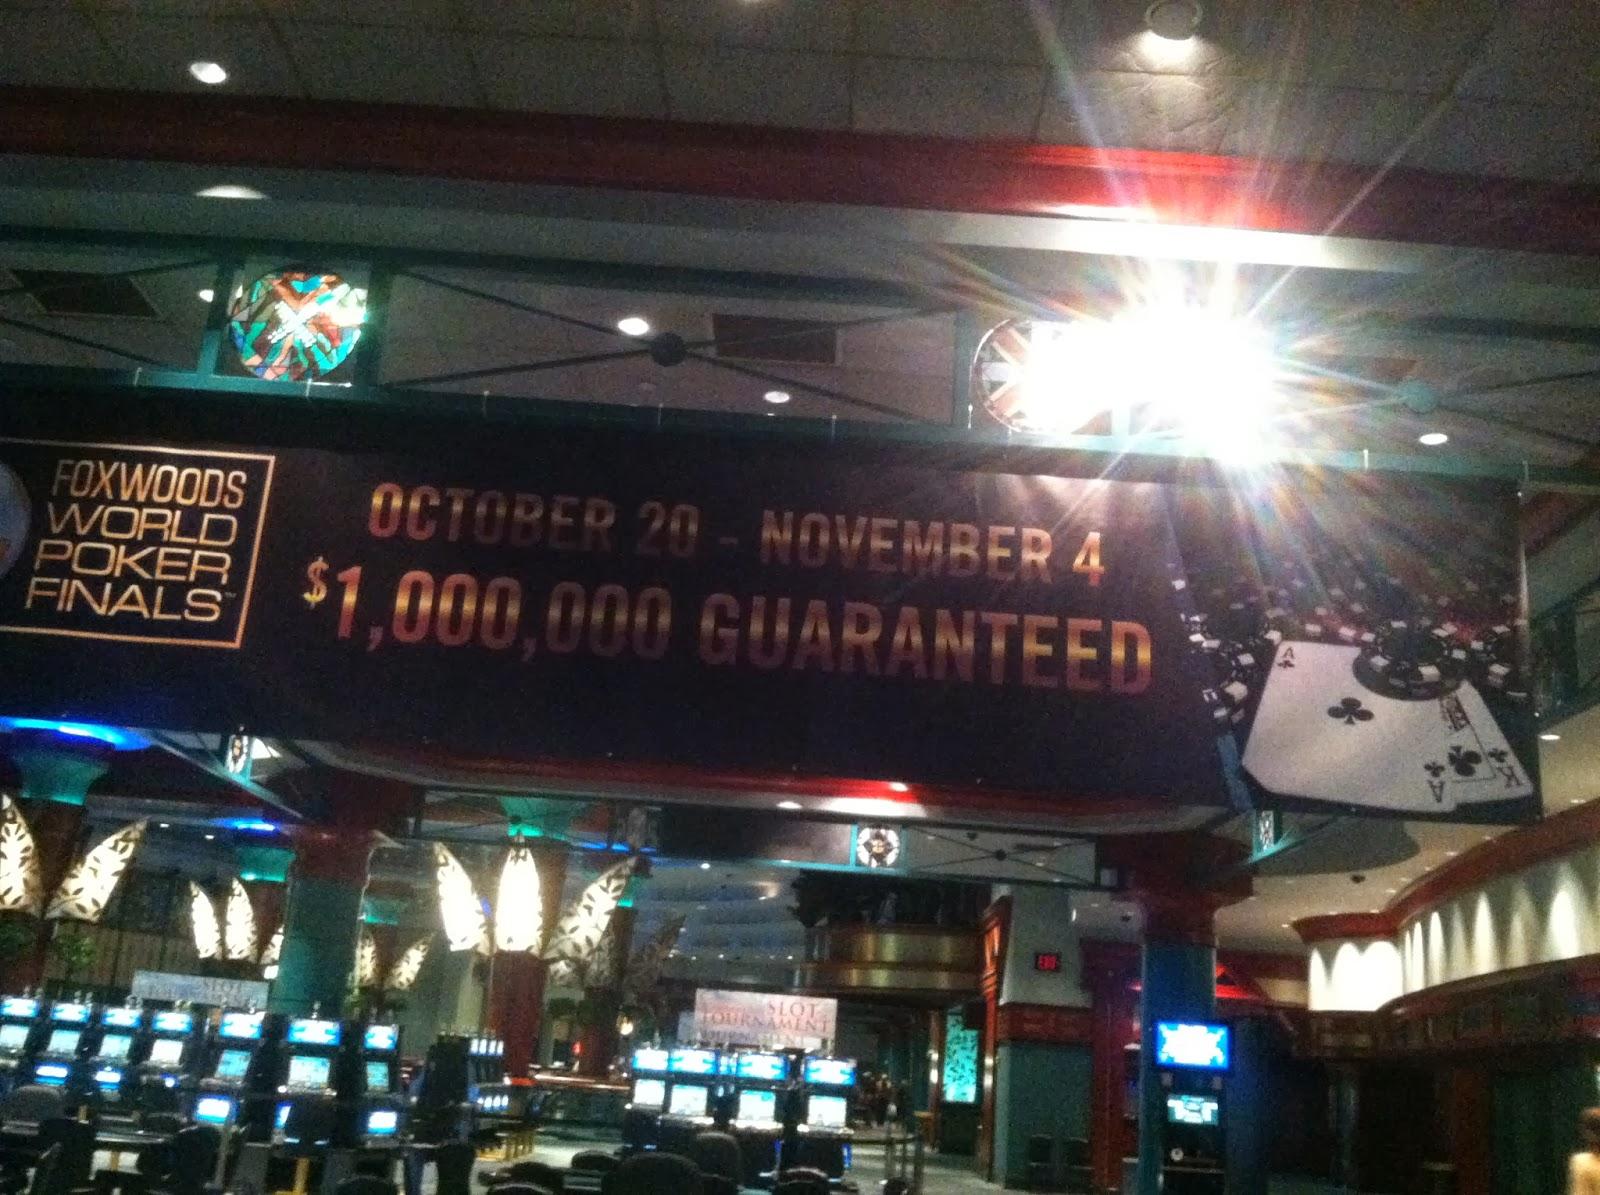 World poker finals foxwoods